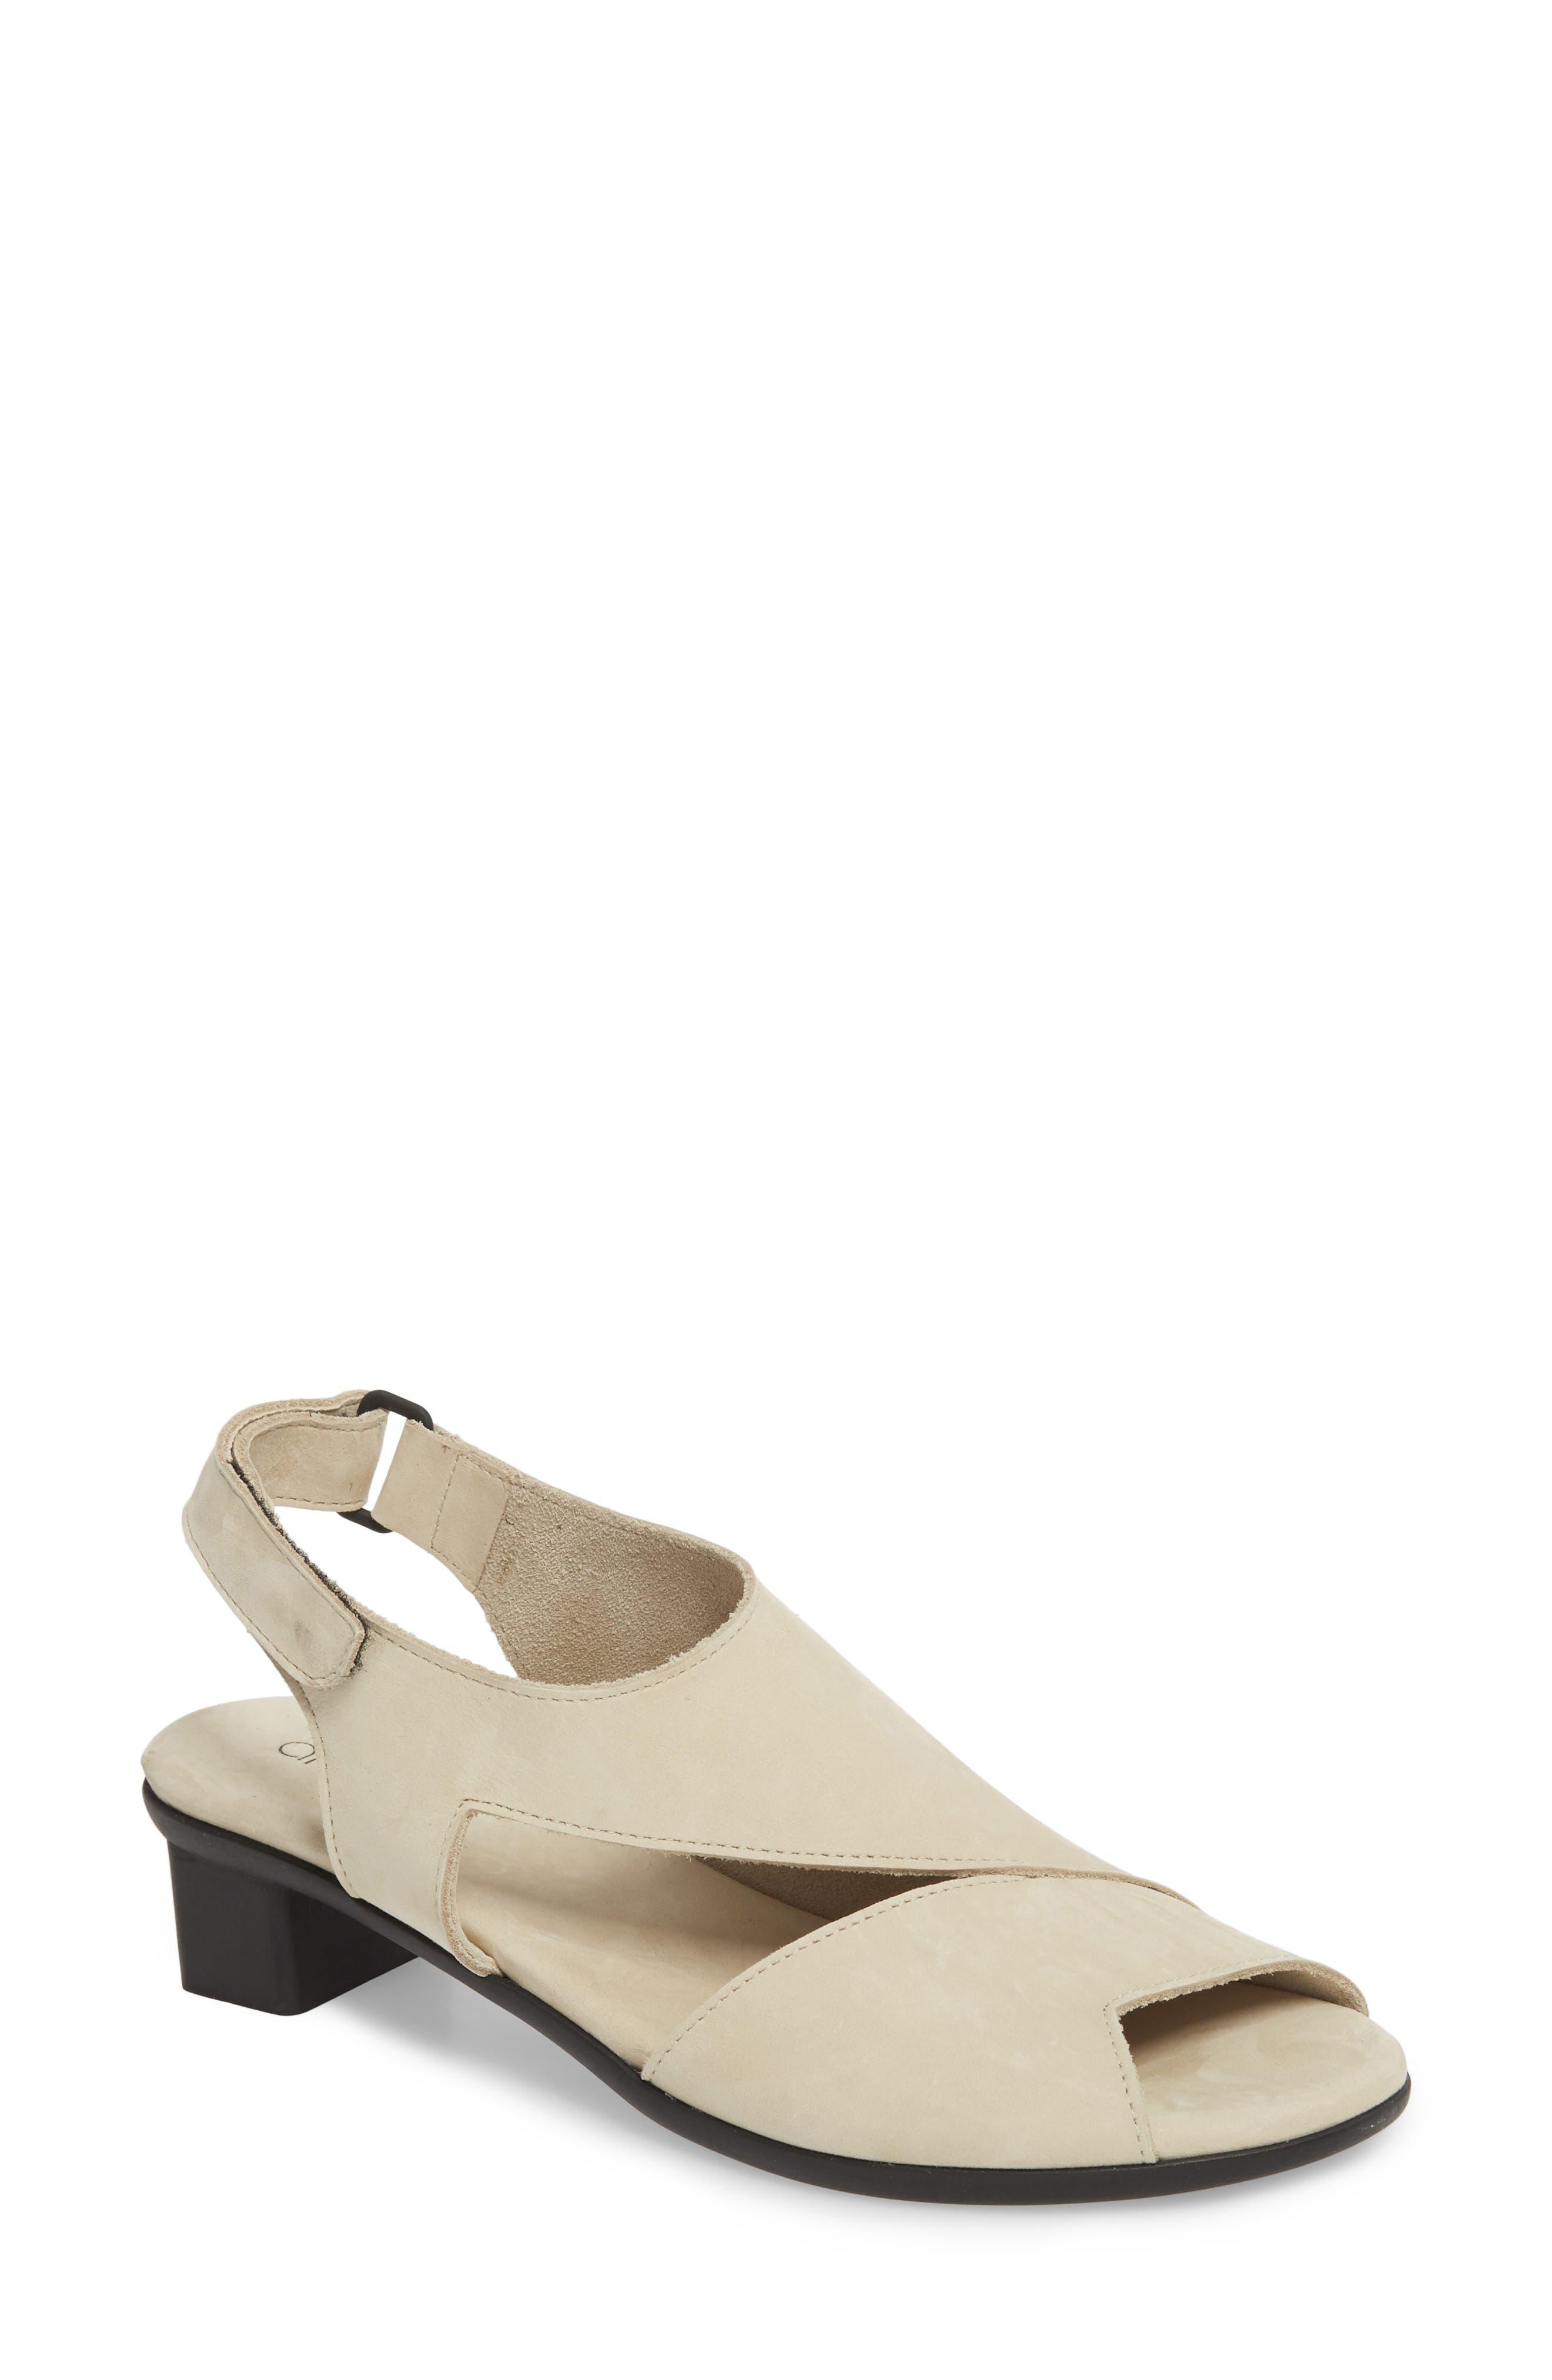 Obibbi Asymmetrical Slingback Sandal,                             Main thumbnail 2, color,